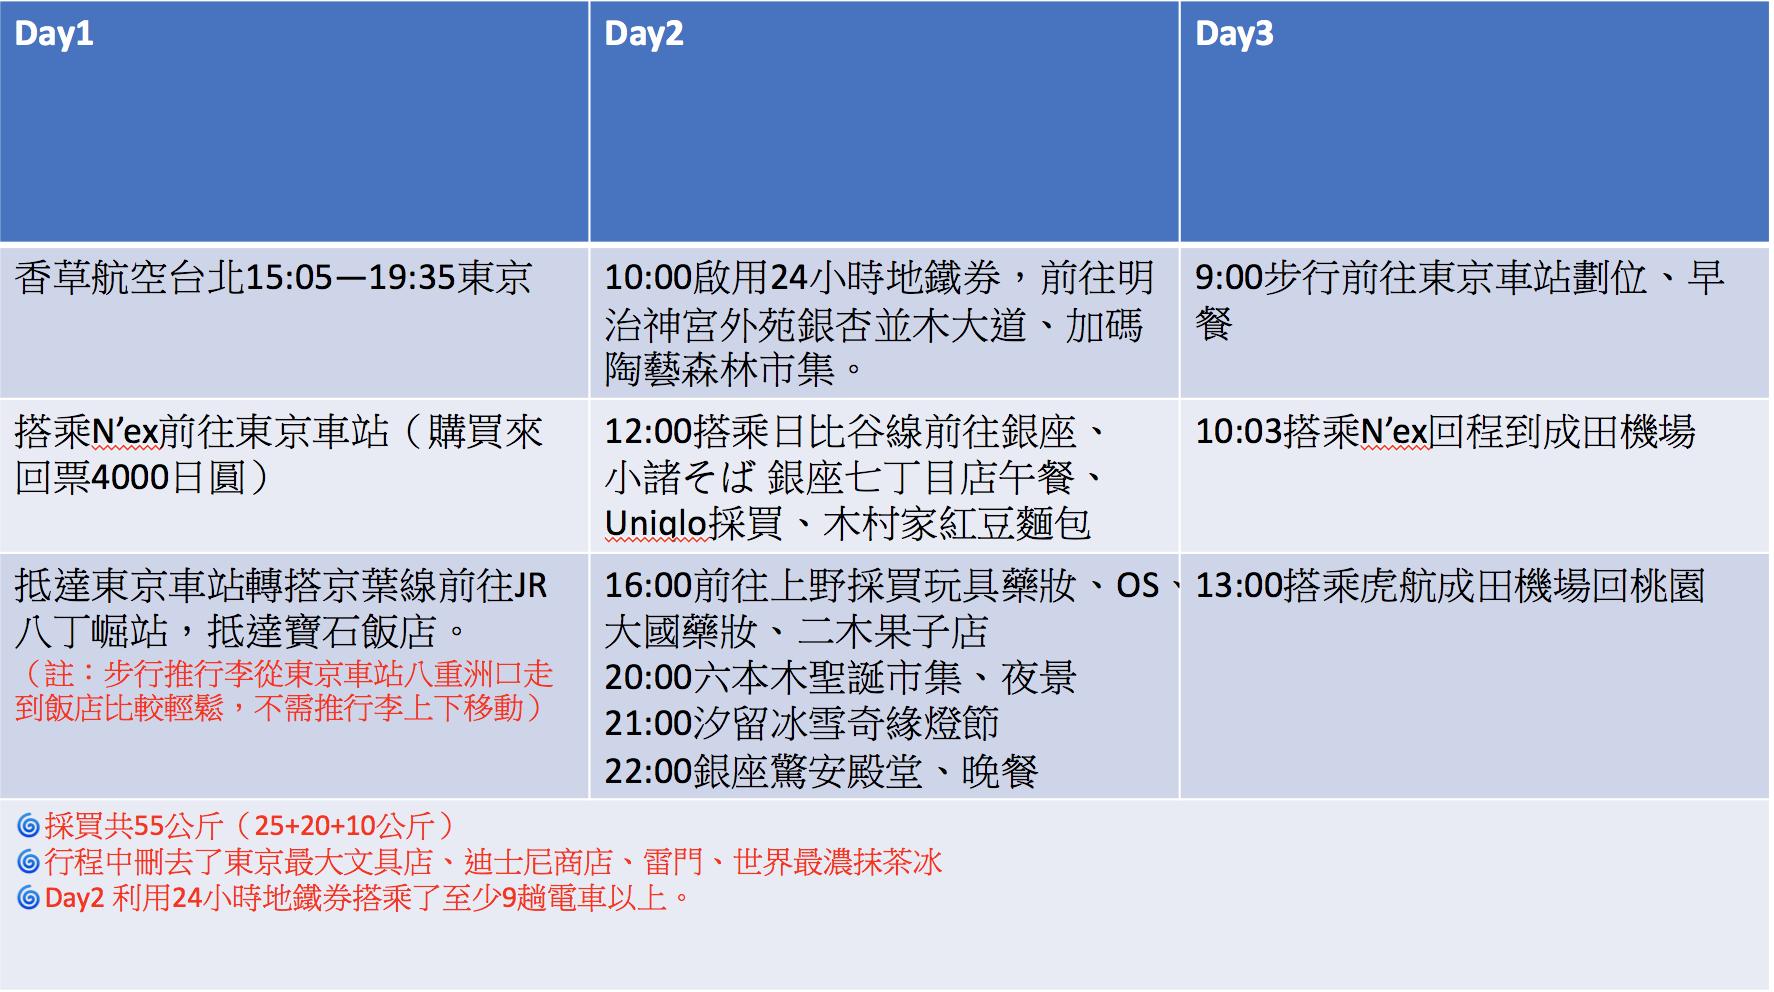 東京自由行一日行程懶人包|經典的東京冬日行程概覽,景點、採購、交通、上網,快閃東京也可以~